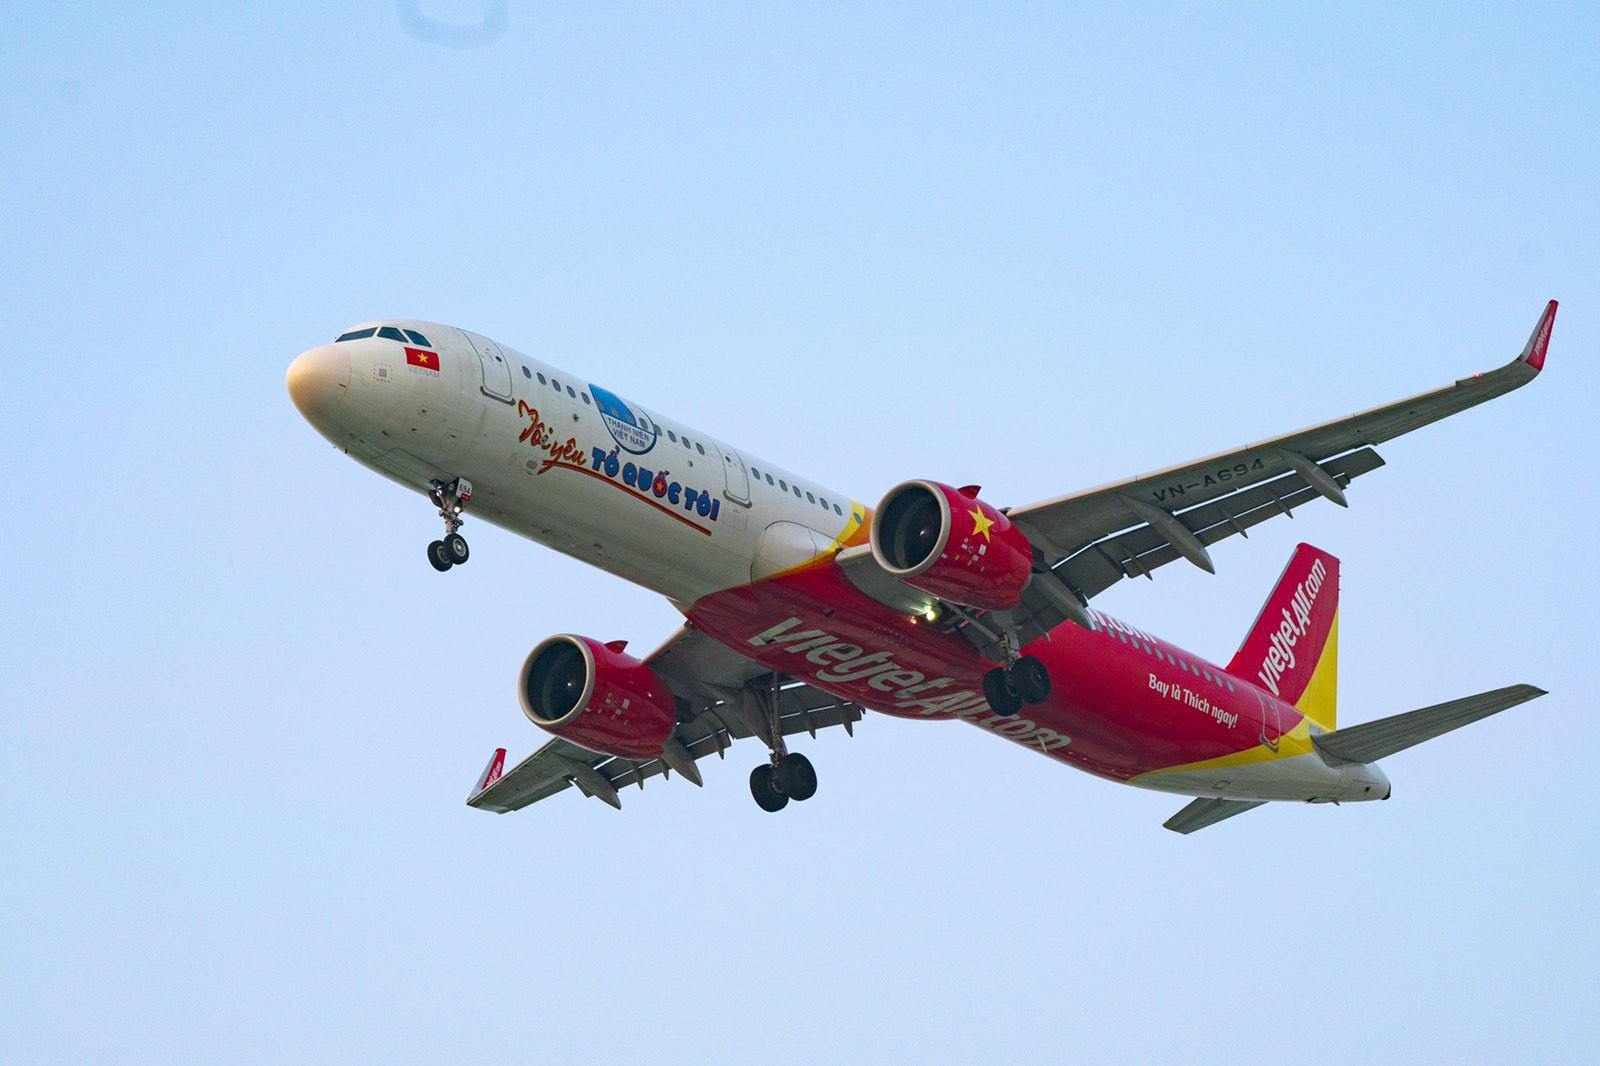 Hành trình đặc biệt mừng ngày Thống nhất đất nước 30/4 trên tàu bay Vietjet - Ảnh 5.